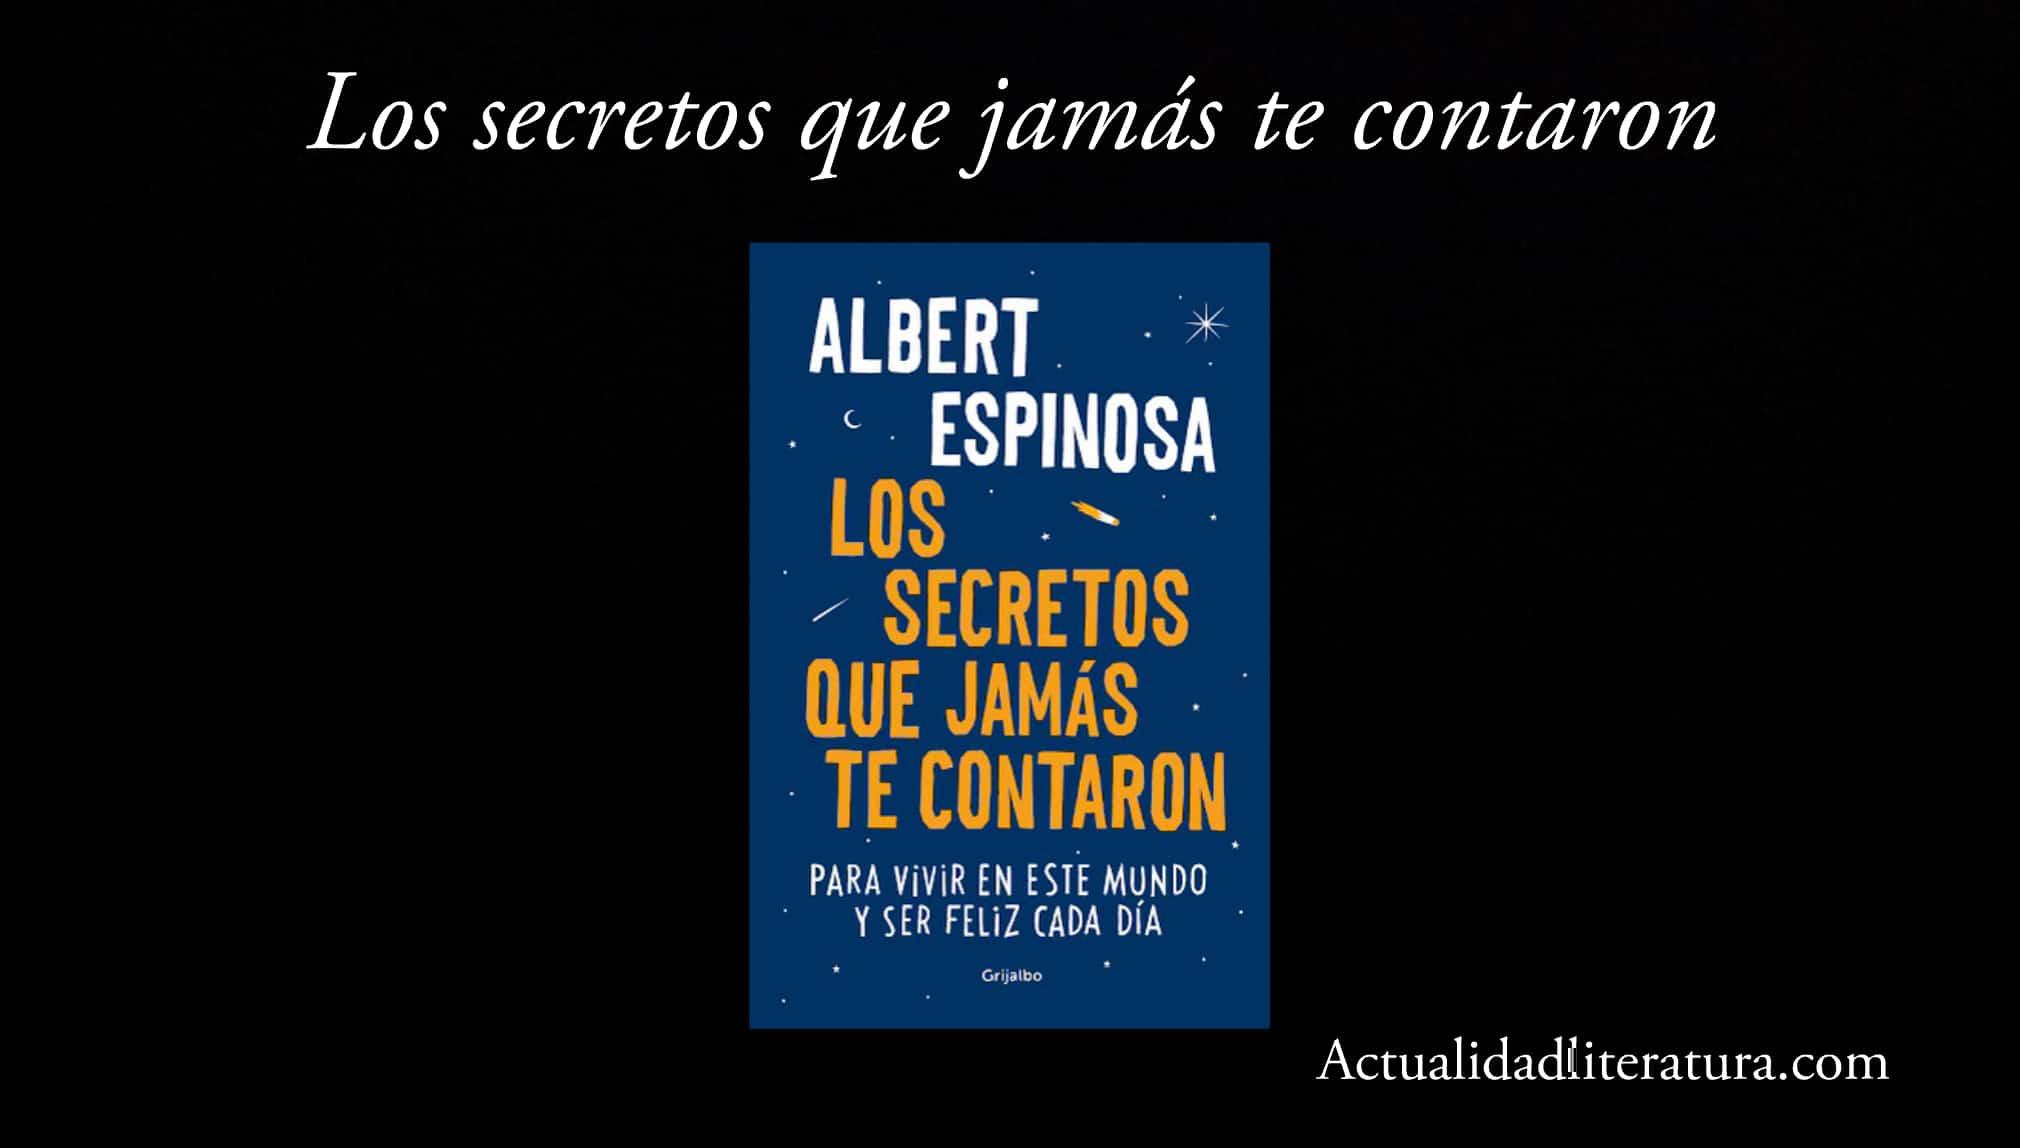 Los secretos que jamás te contaron.